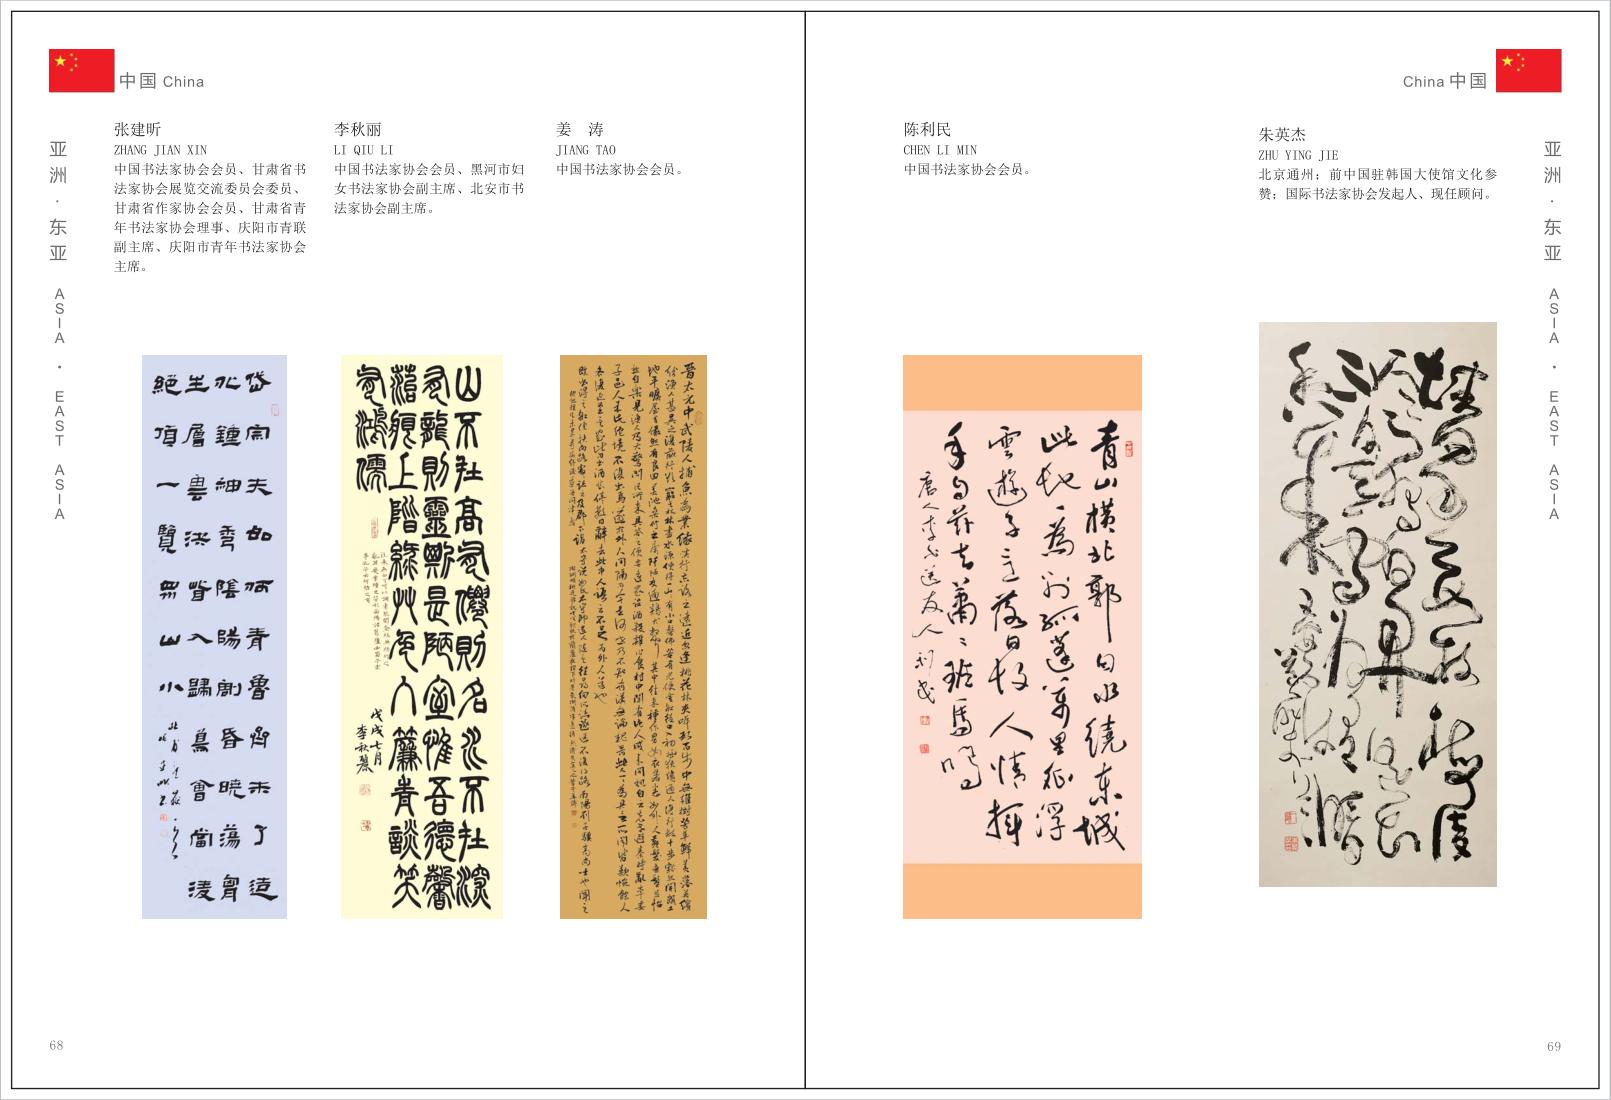 191页2_36.png